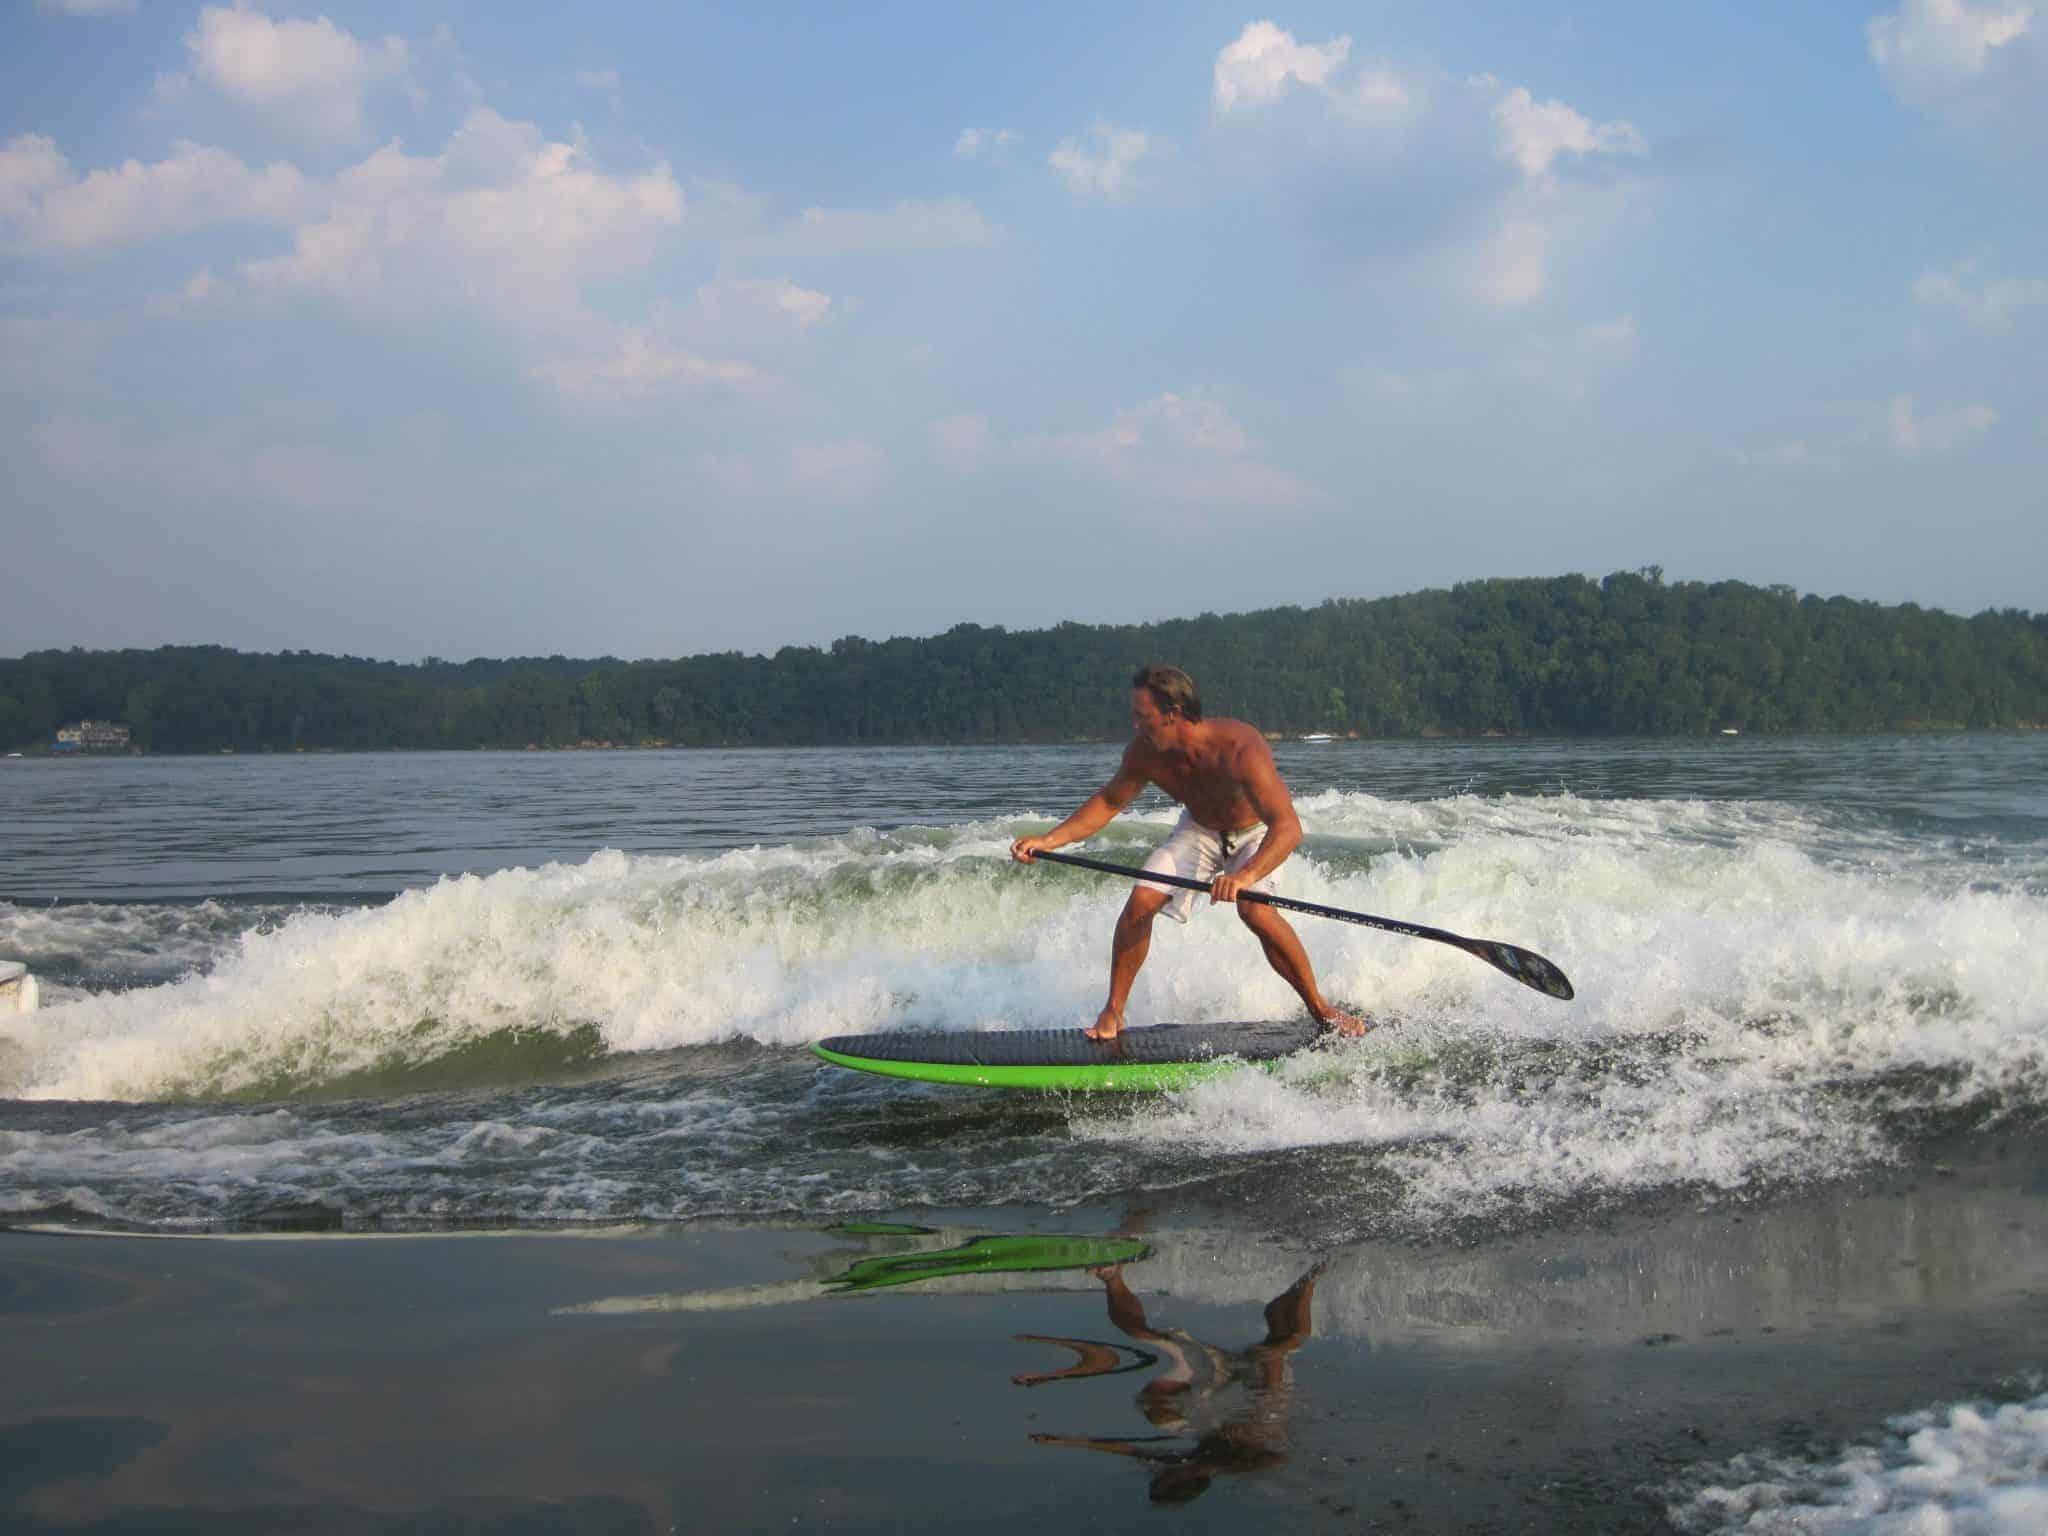 Jimmy Lewis Striker surf sup